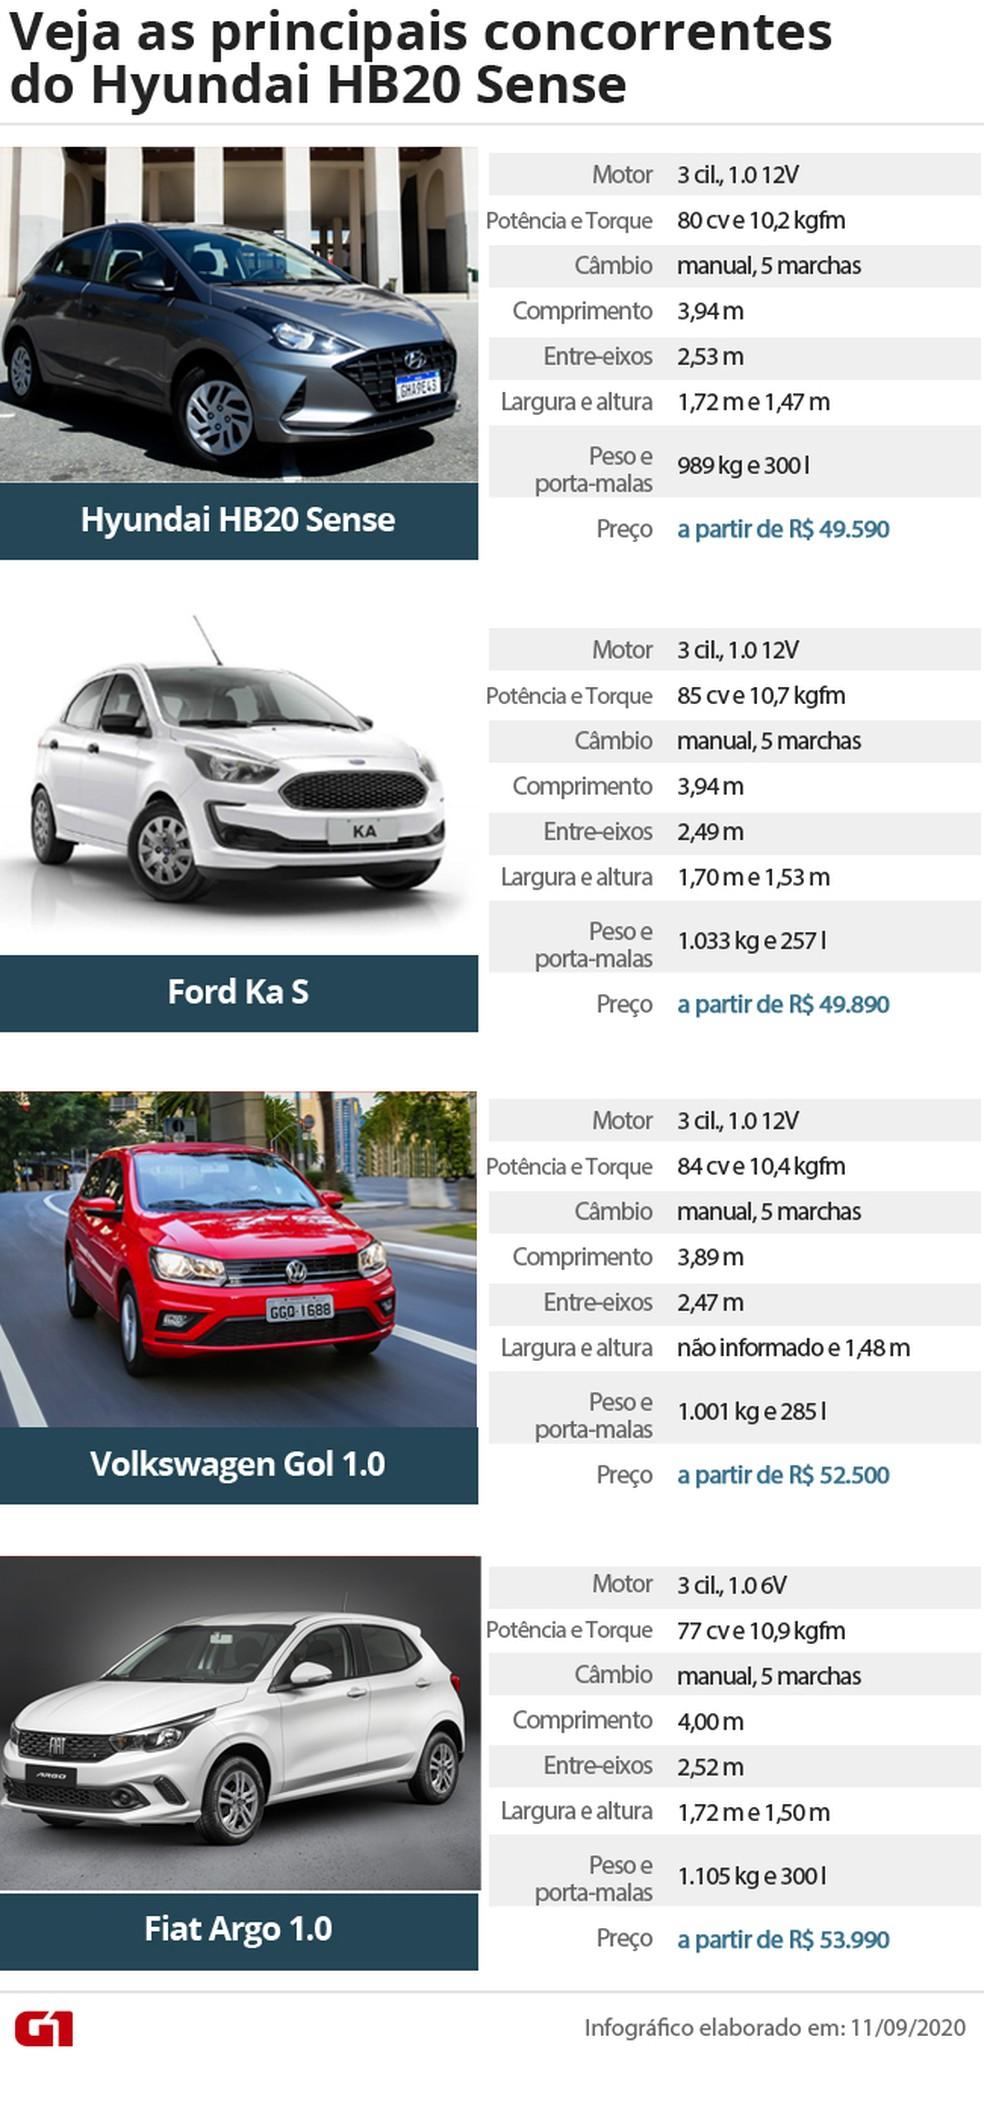 Tabela de concorrentes do Hyundai HB20 — Foto: Celso Tavares/G1 e Divulgação